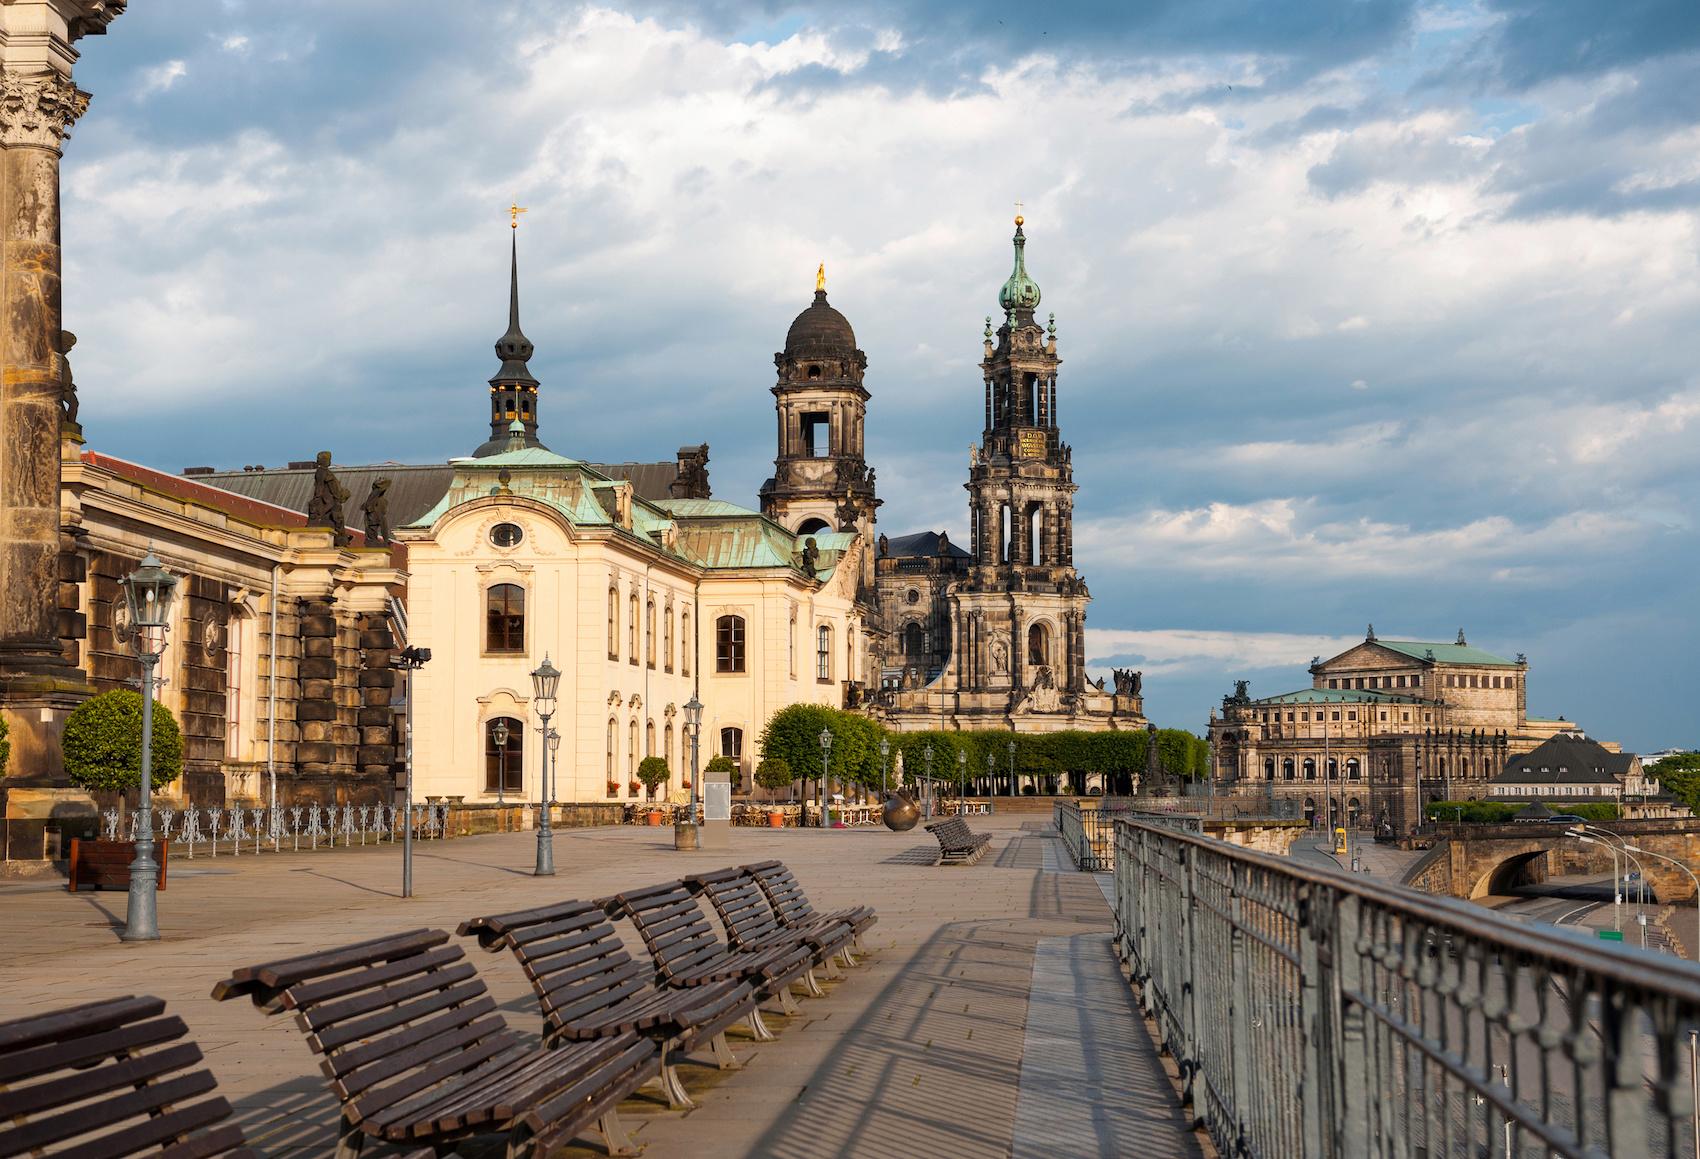 Bühlische Terrasse in Dresden